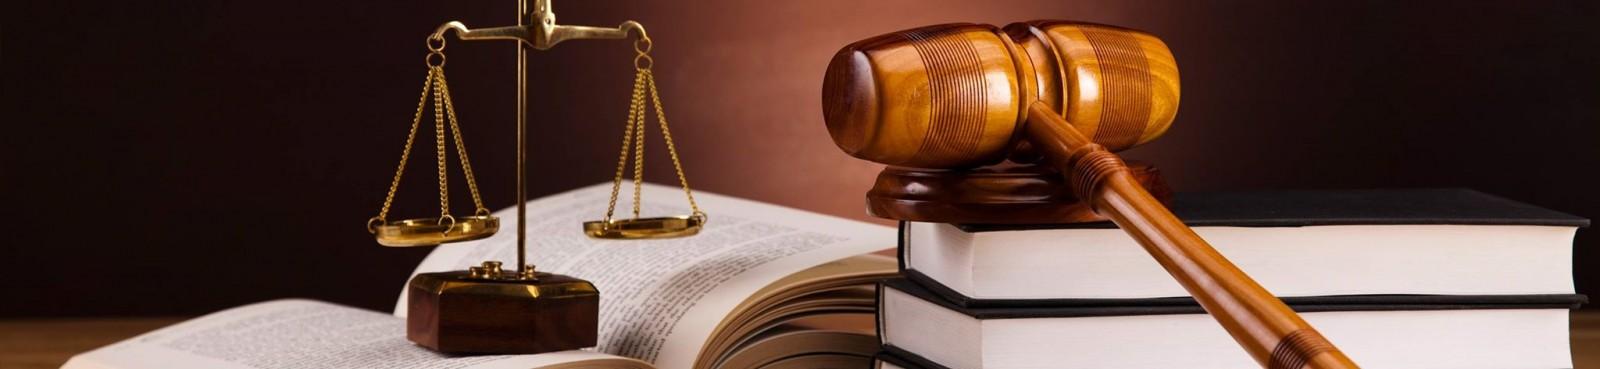 административно уголовное дело консультация адвоката индивидуальных